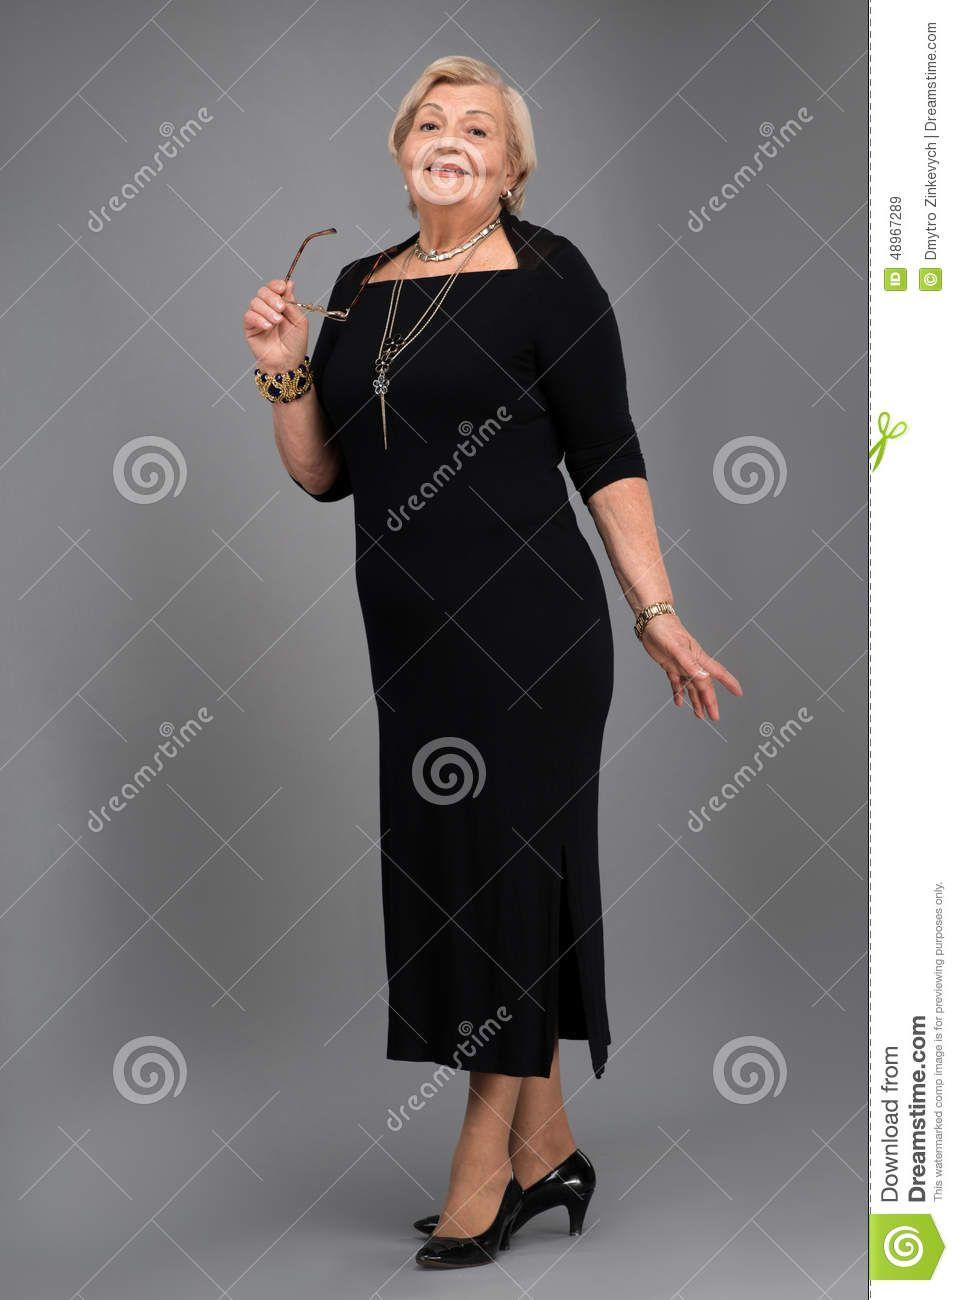 Abiti Eleganti X Signora.Vestiti Per Signora Eleganti Householdlinenscork Con Immagini